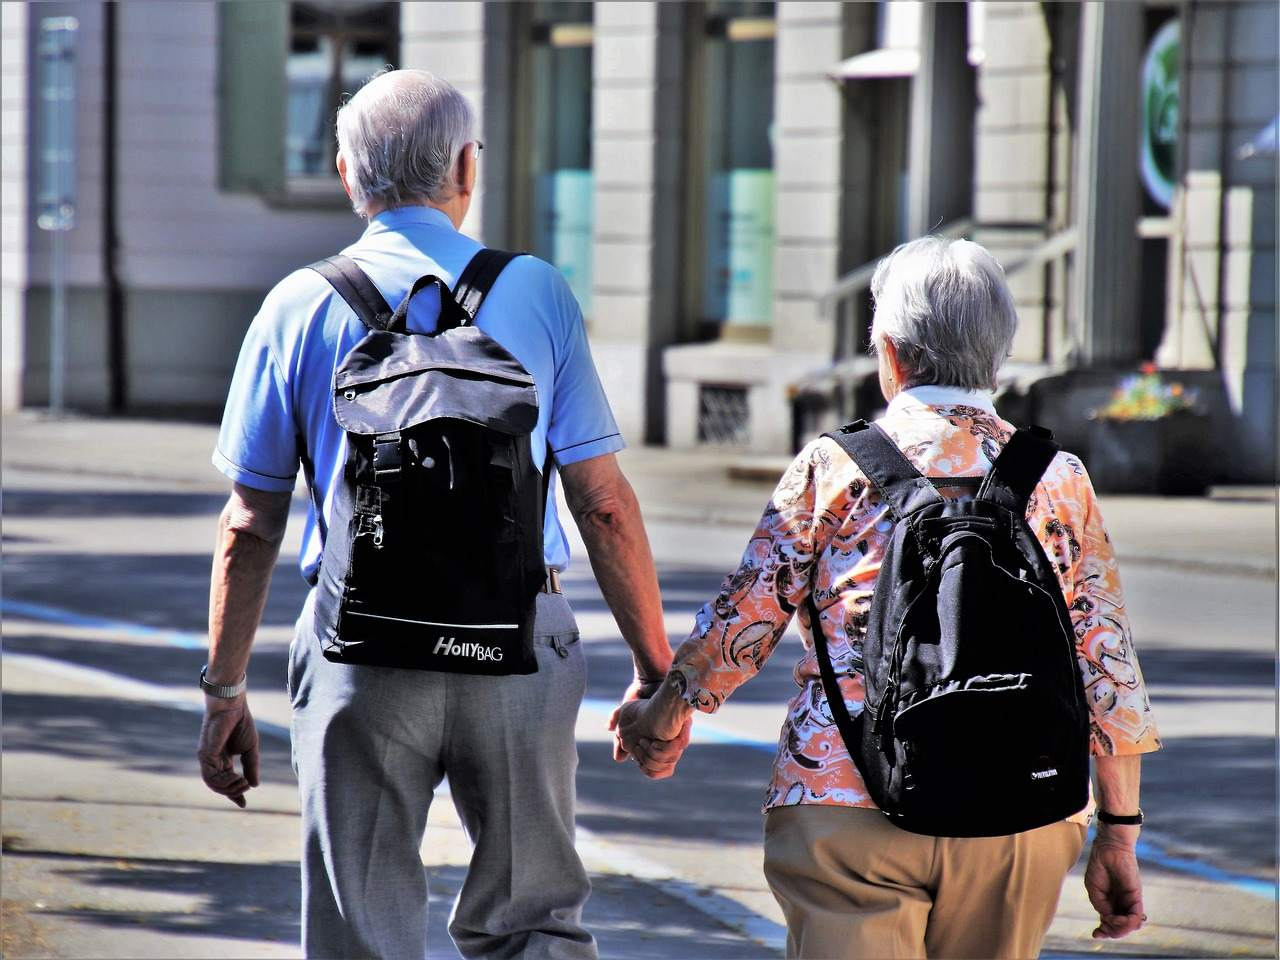 Beispielbild für älteres Paar - Rentenversicherung zahlt Negativzinsen